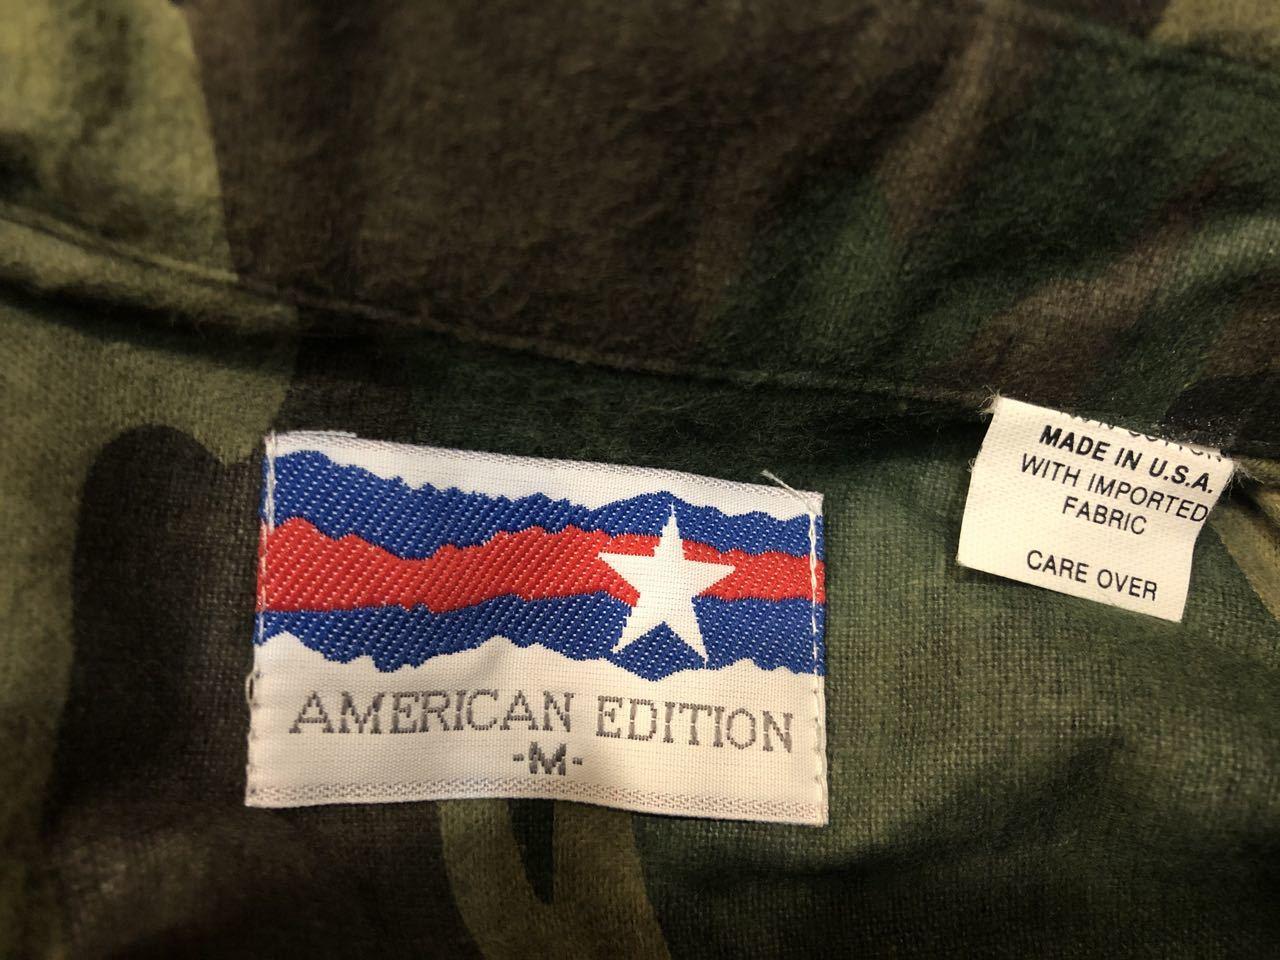 12月23日(月)入荷!80s デッドストック!MADE IN U.S.A  American Edition ライトネルシャツ!_c0144020_13252703.jpg